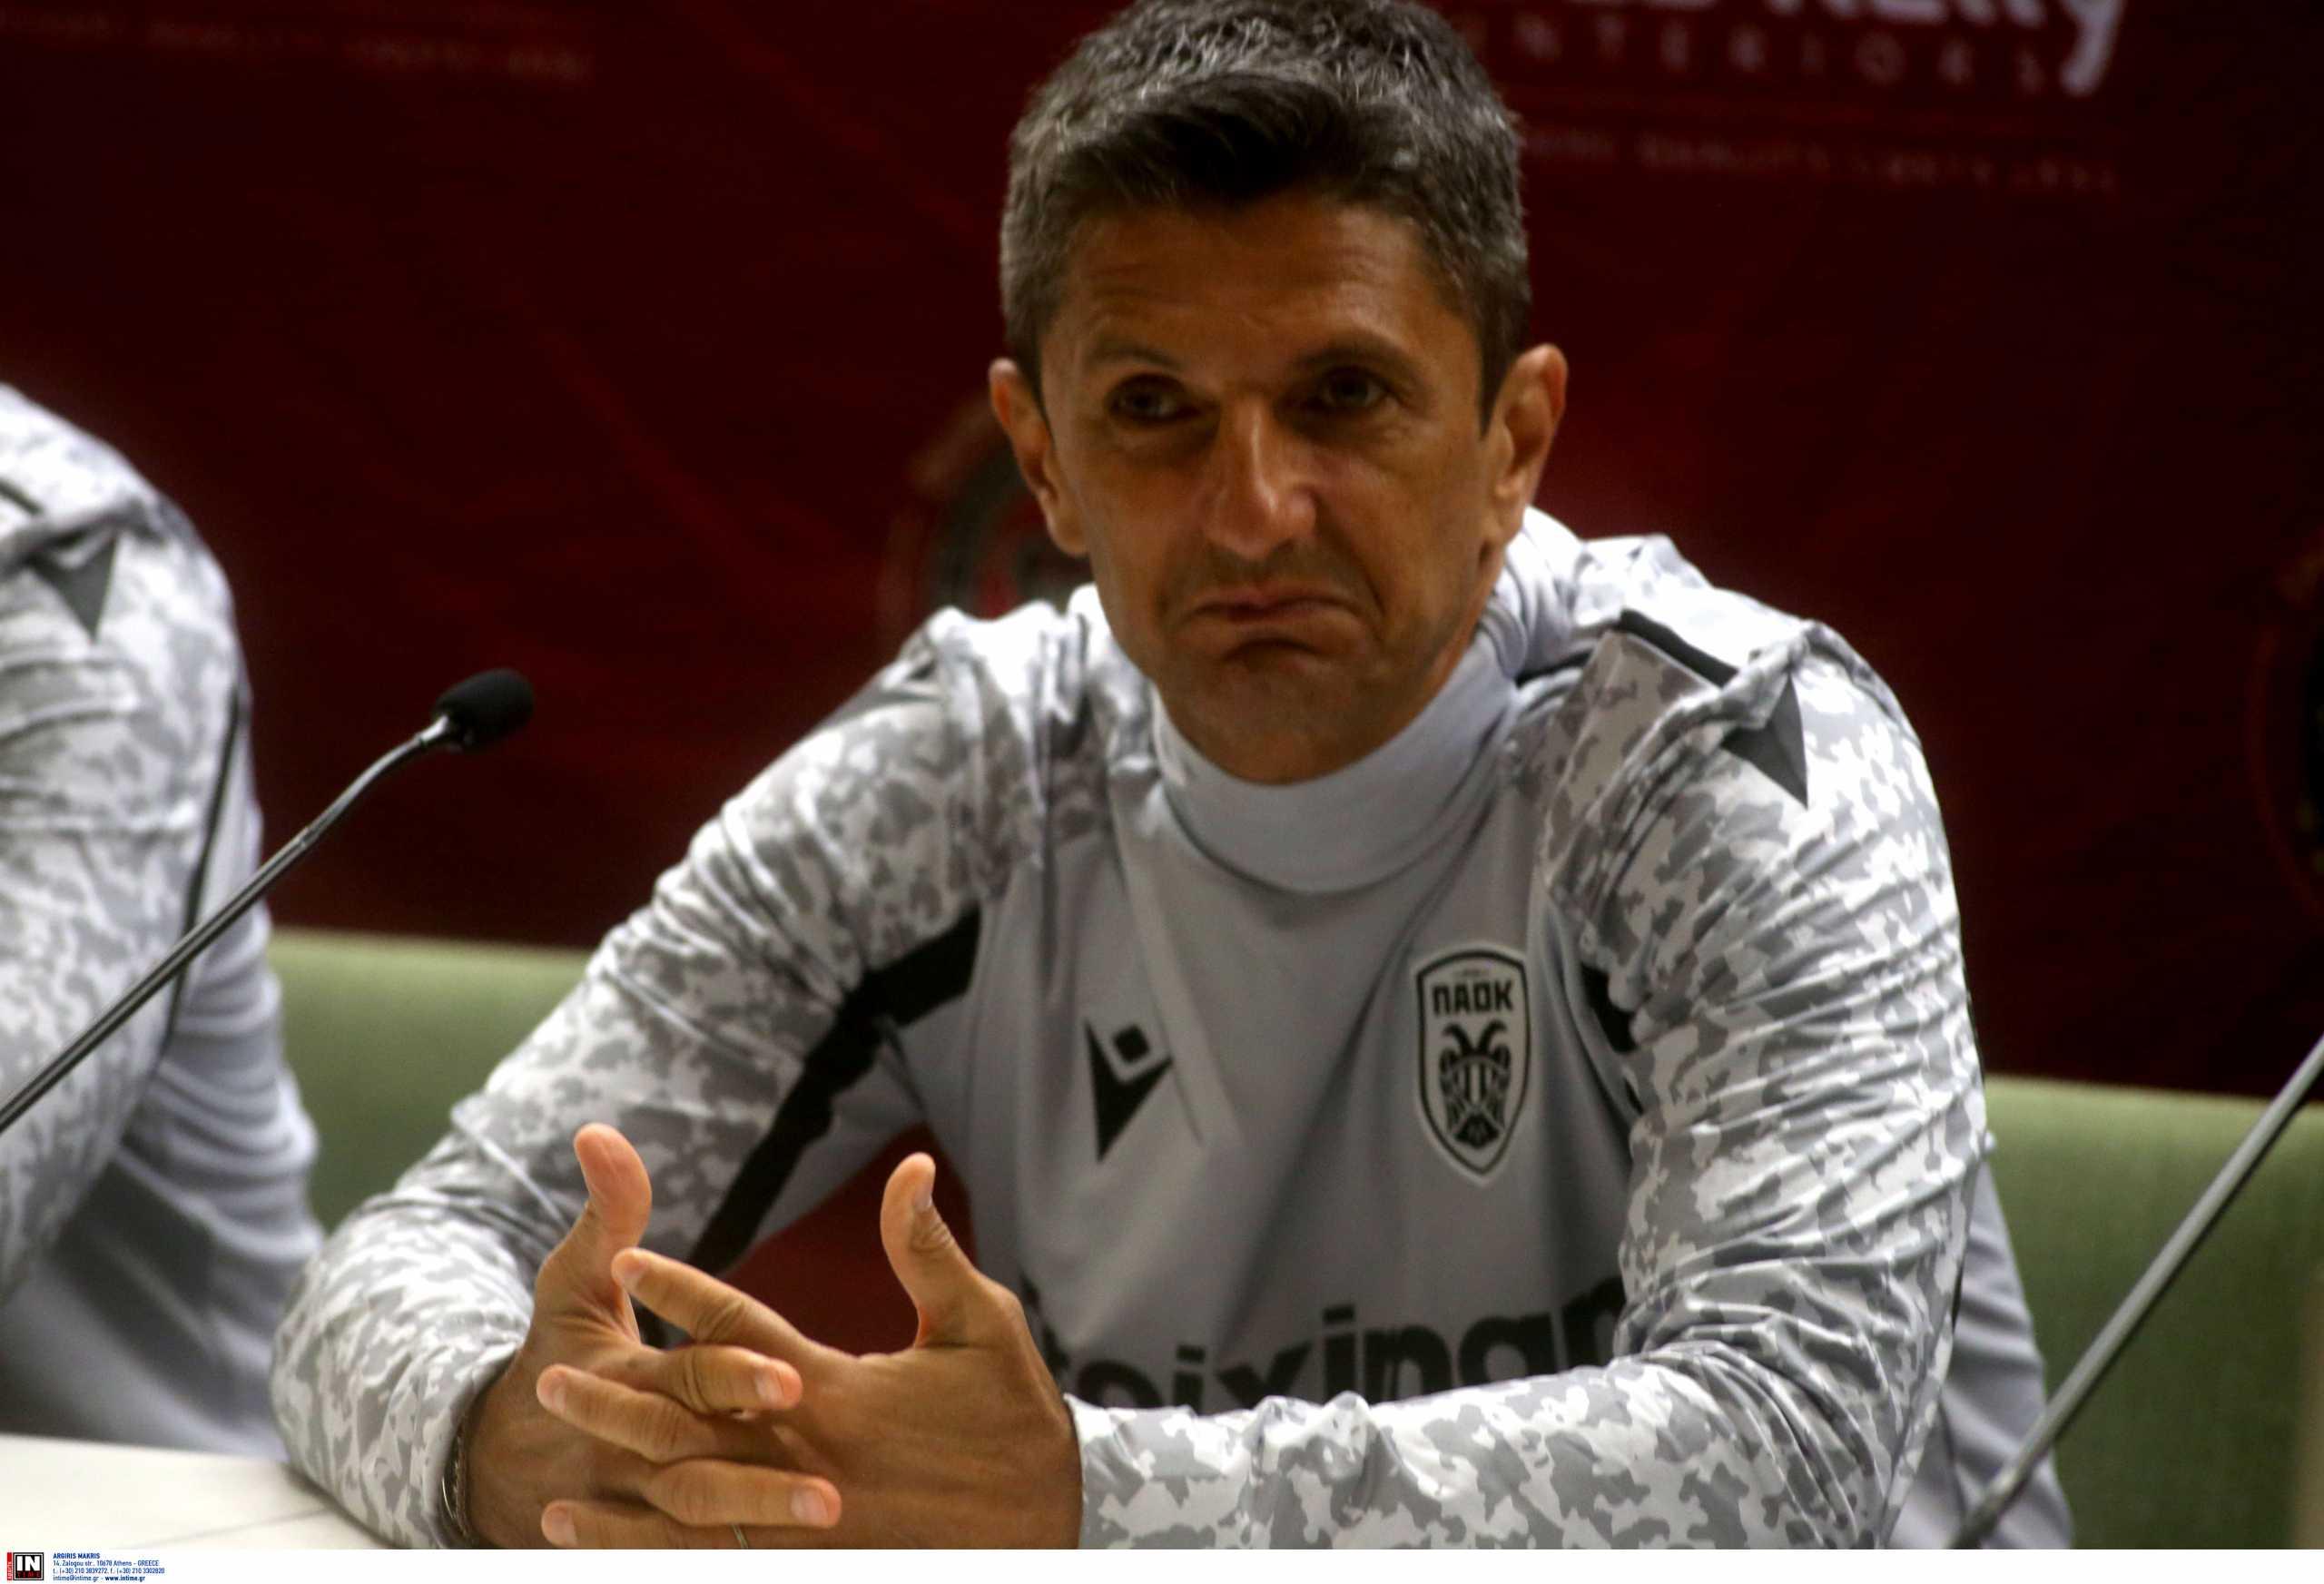 ΠΑΟΚ – Λουτσέσκου: «Θα γίνει μεγάλη μάχη αλλά ήρθαμε για τη νίκη»